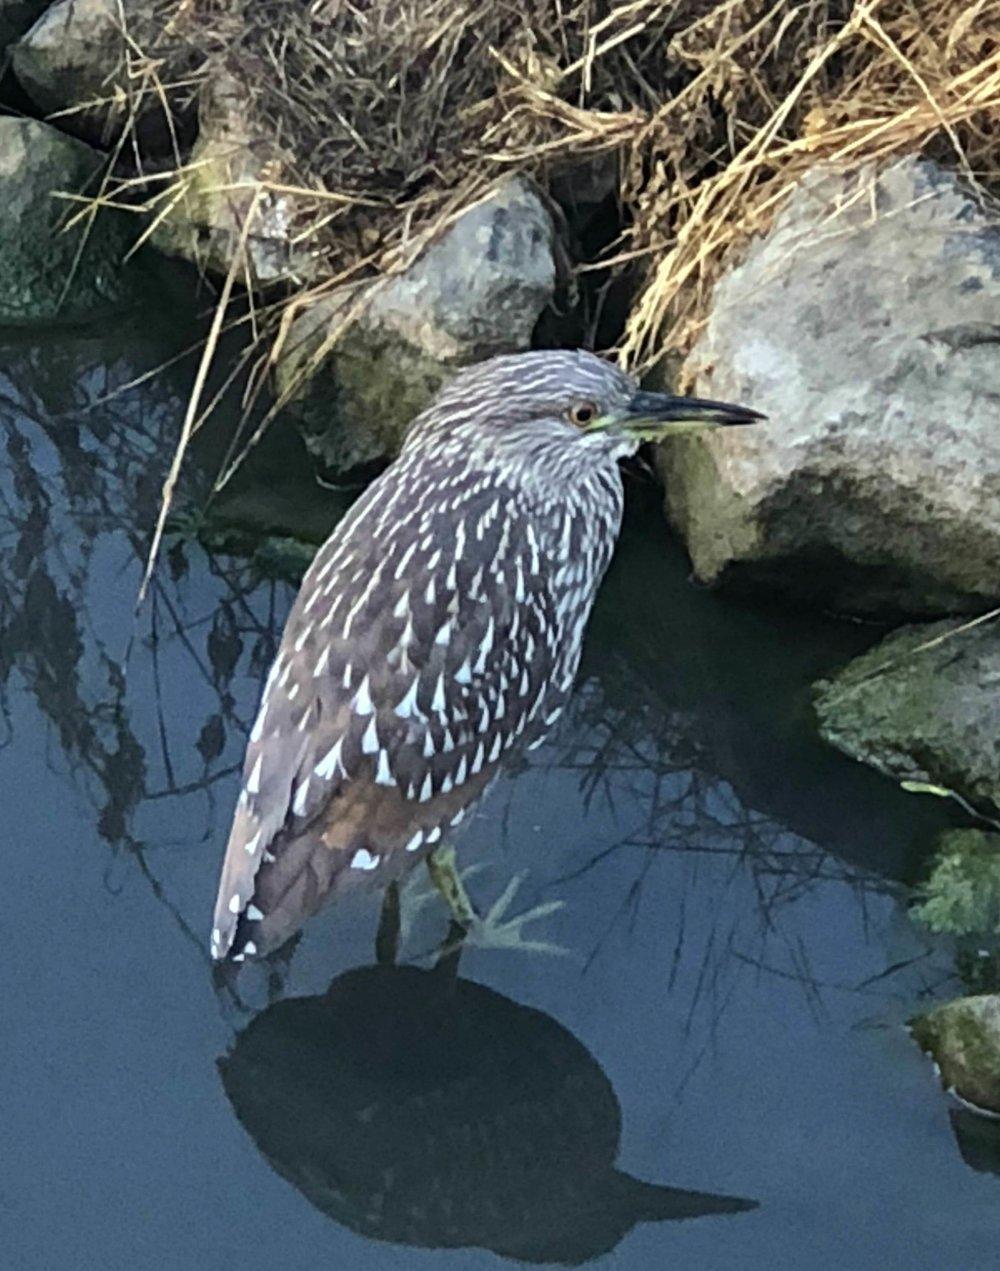 Aamulla kun kävelemme kouluun bongailemme lintuja talon takana olevasta purosta. Yleensä siellä majailee haikaraperhe mutta tällä kertaa näimme ihan uuden tulokkaan. Yritin tunnistaa lintua ja tulin siihen tulokseen, että se mahtaa olla uhanalainen California Clapper Rail.